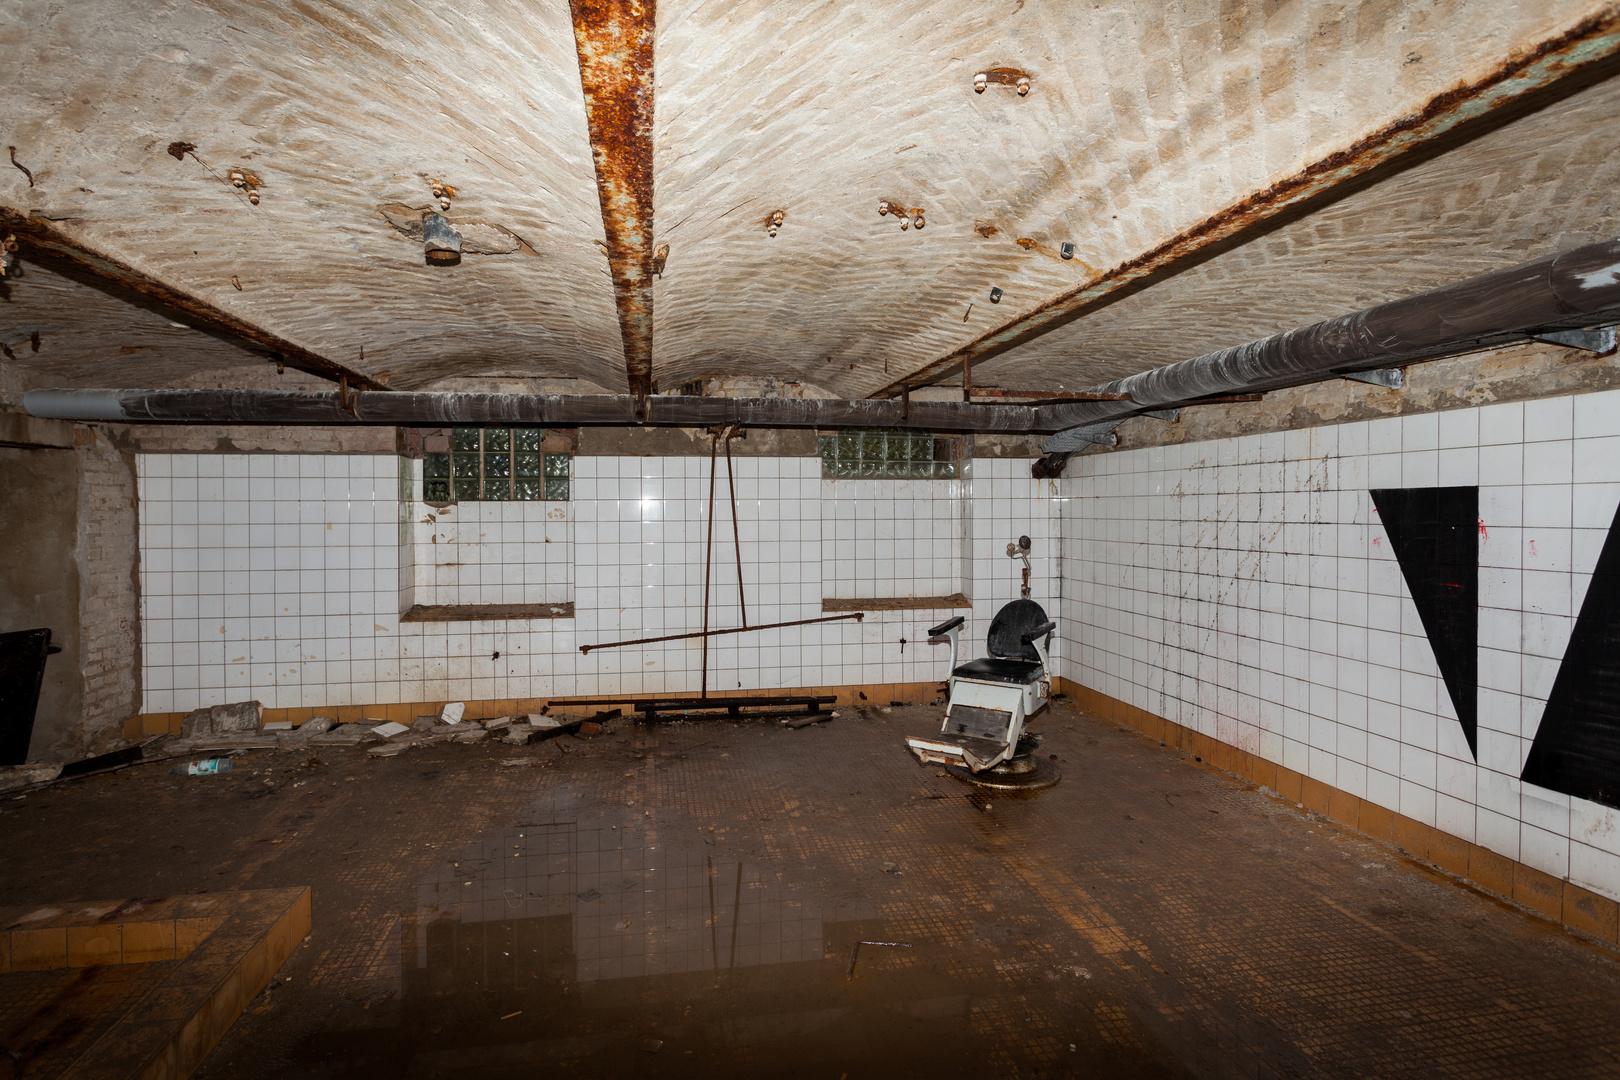 Beelitz Heilstätten - Frauensanatorium (25)